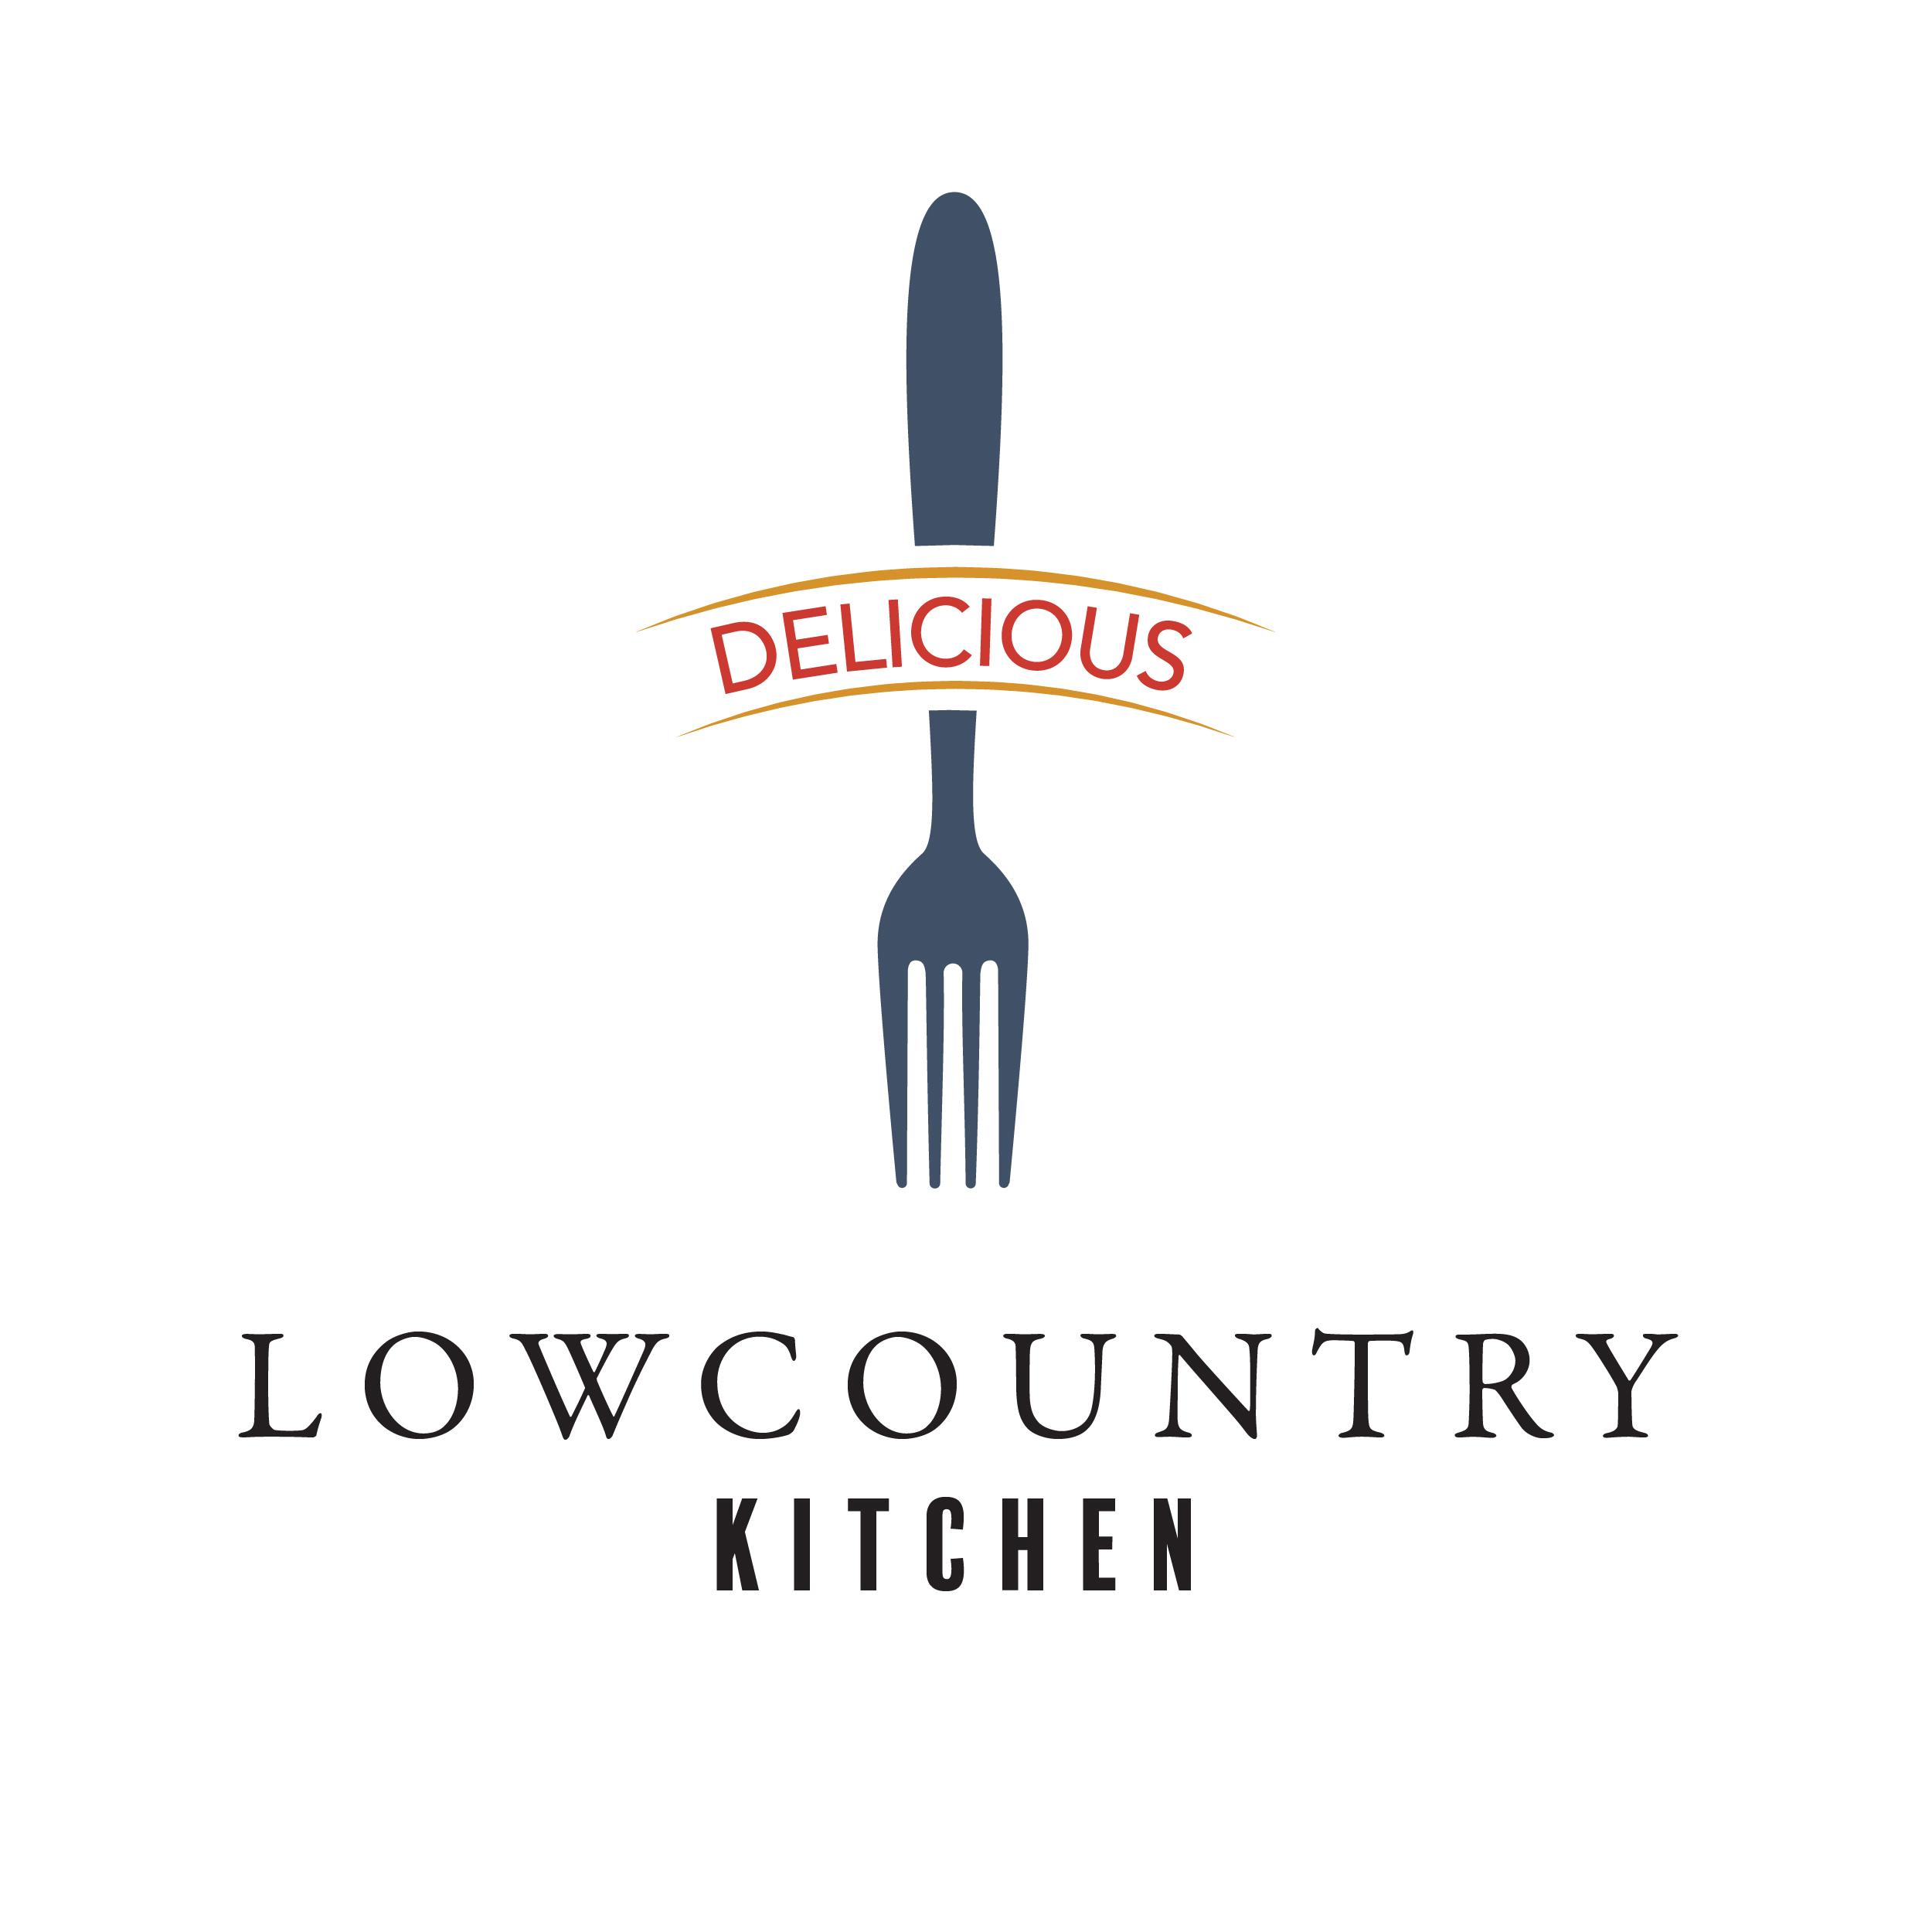 Lowcountry Kitchen Restaurant Logo